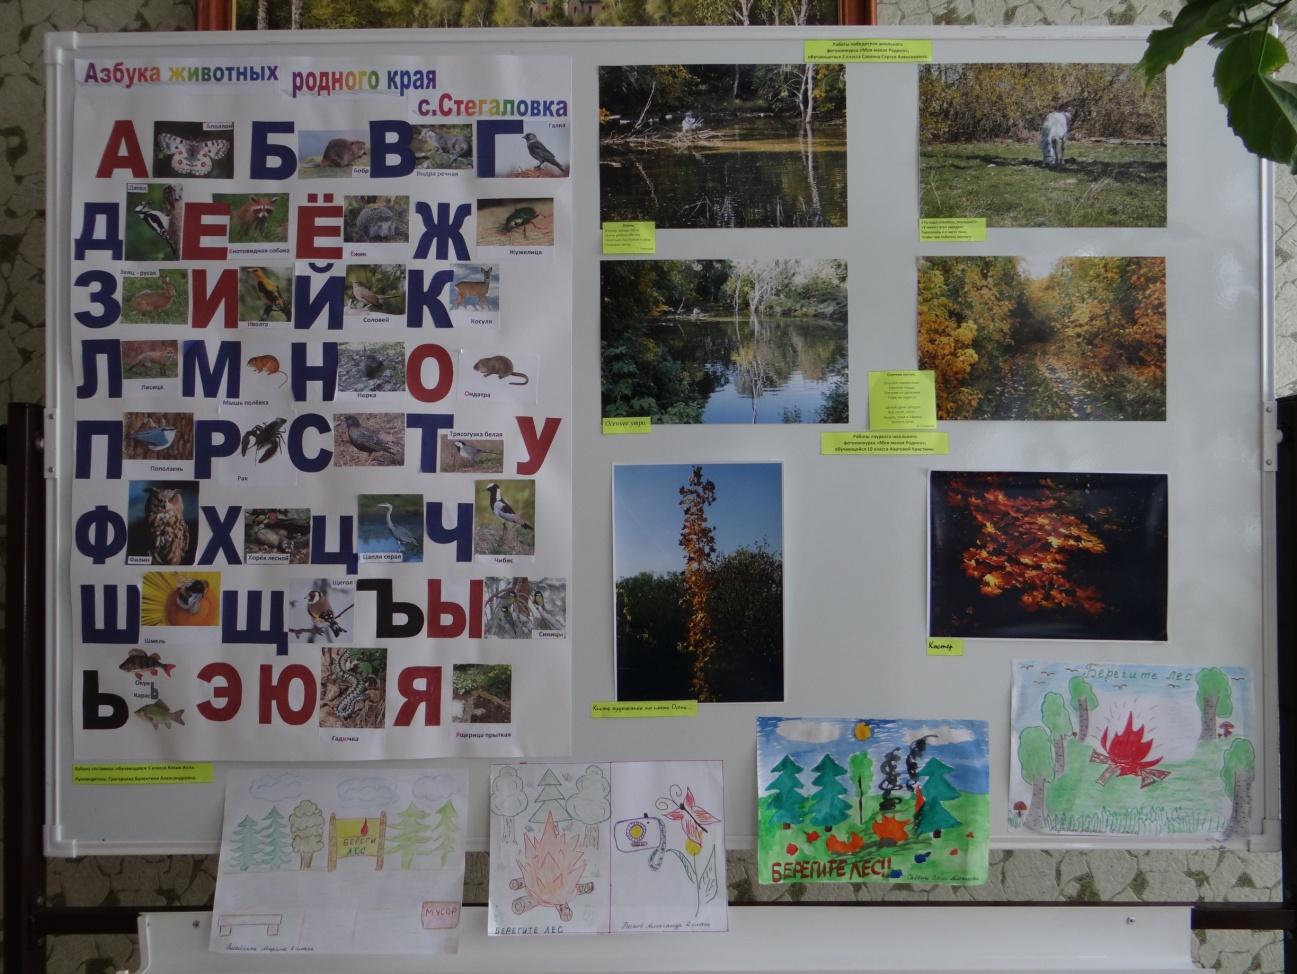 F:\Год экологии\14.03.2013\DSC04393.JPG